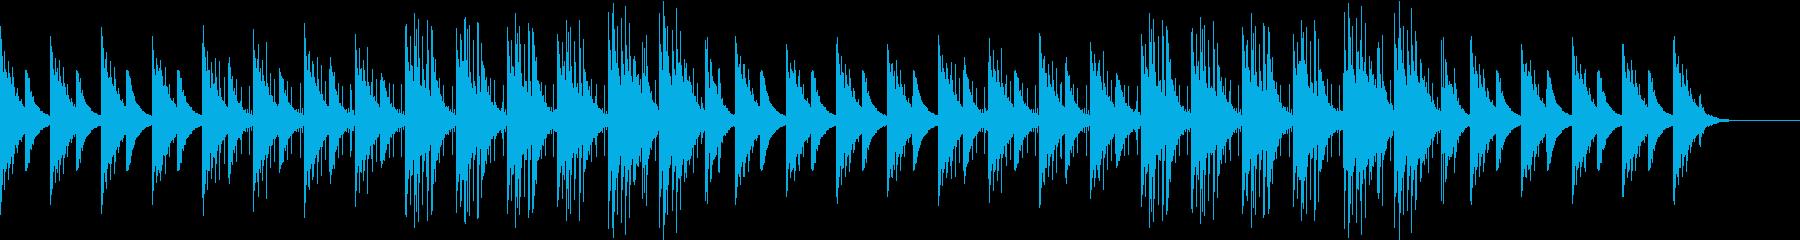 アコギが奏でるヒーリング系BGMの再生済みの波形